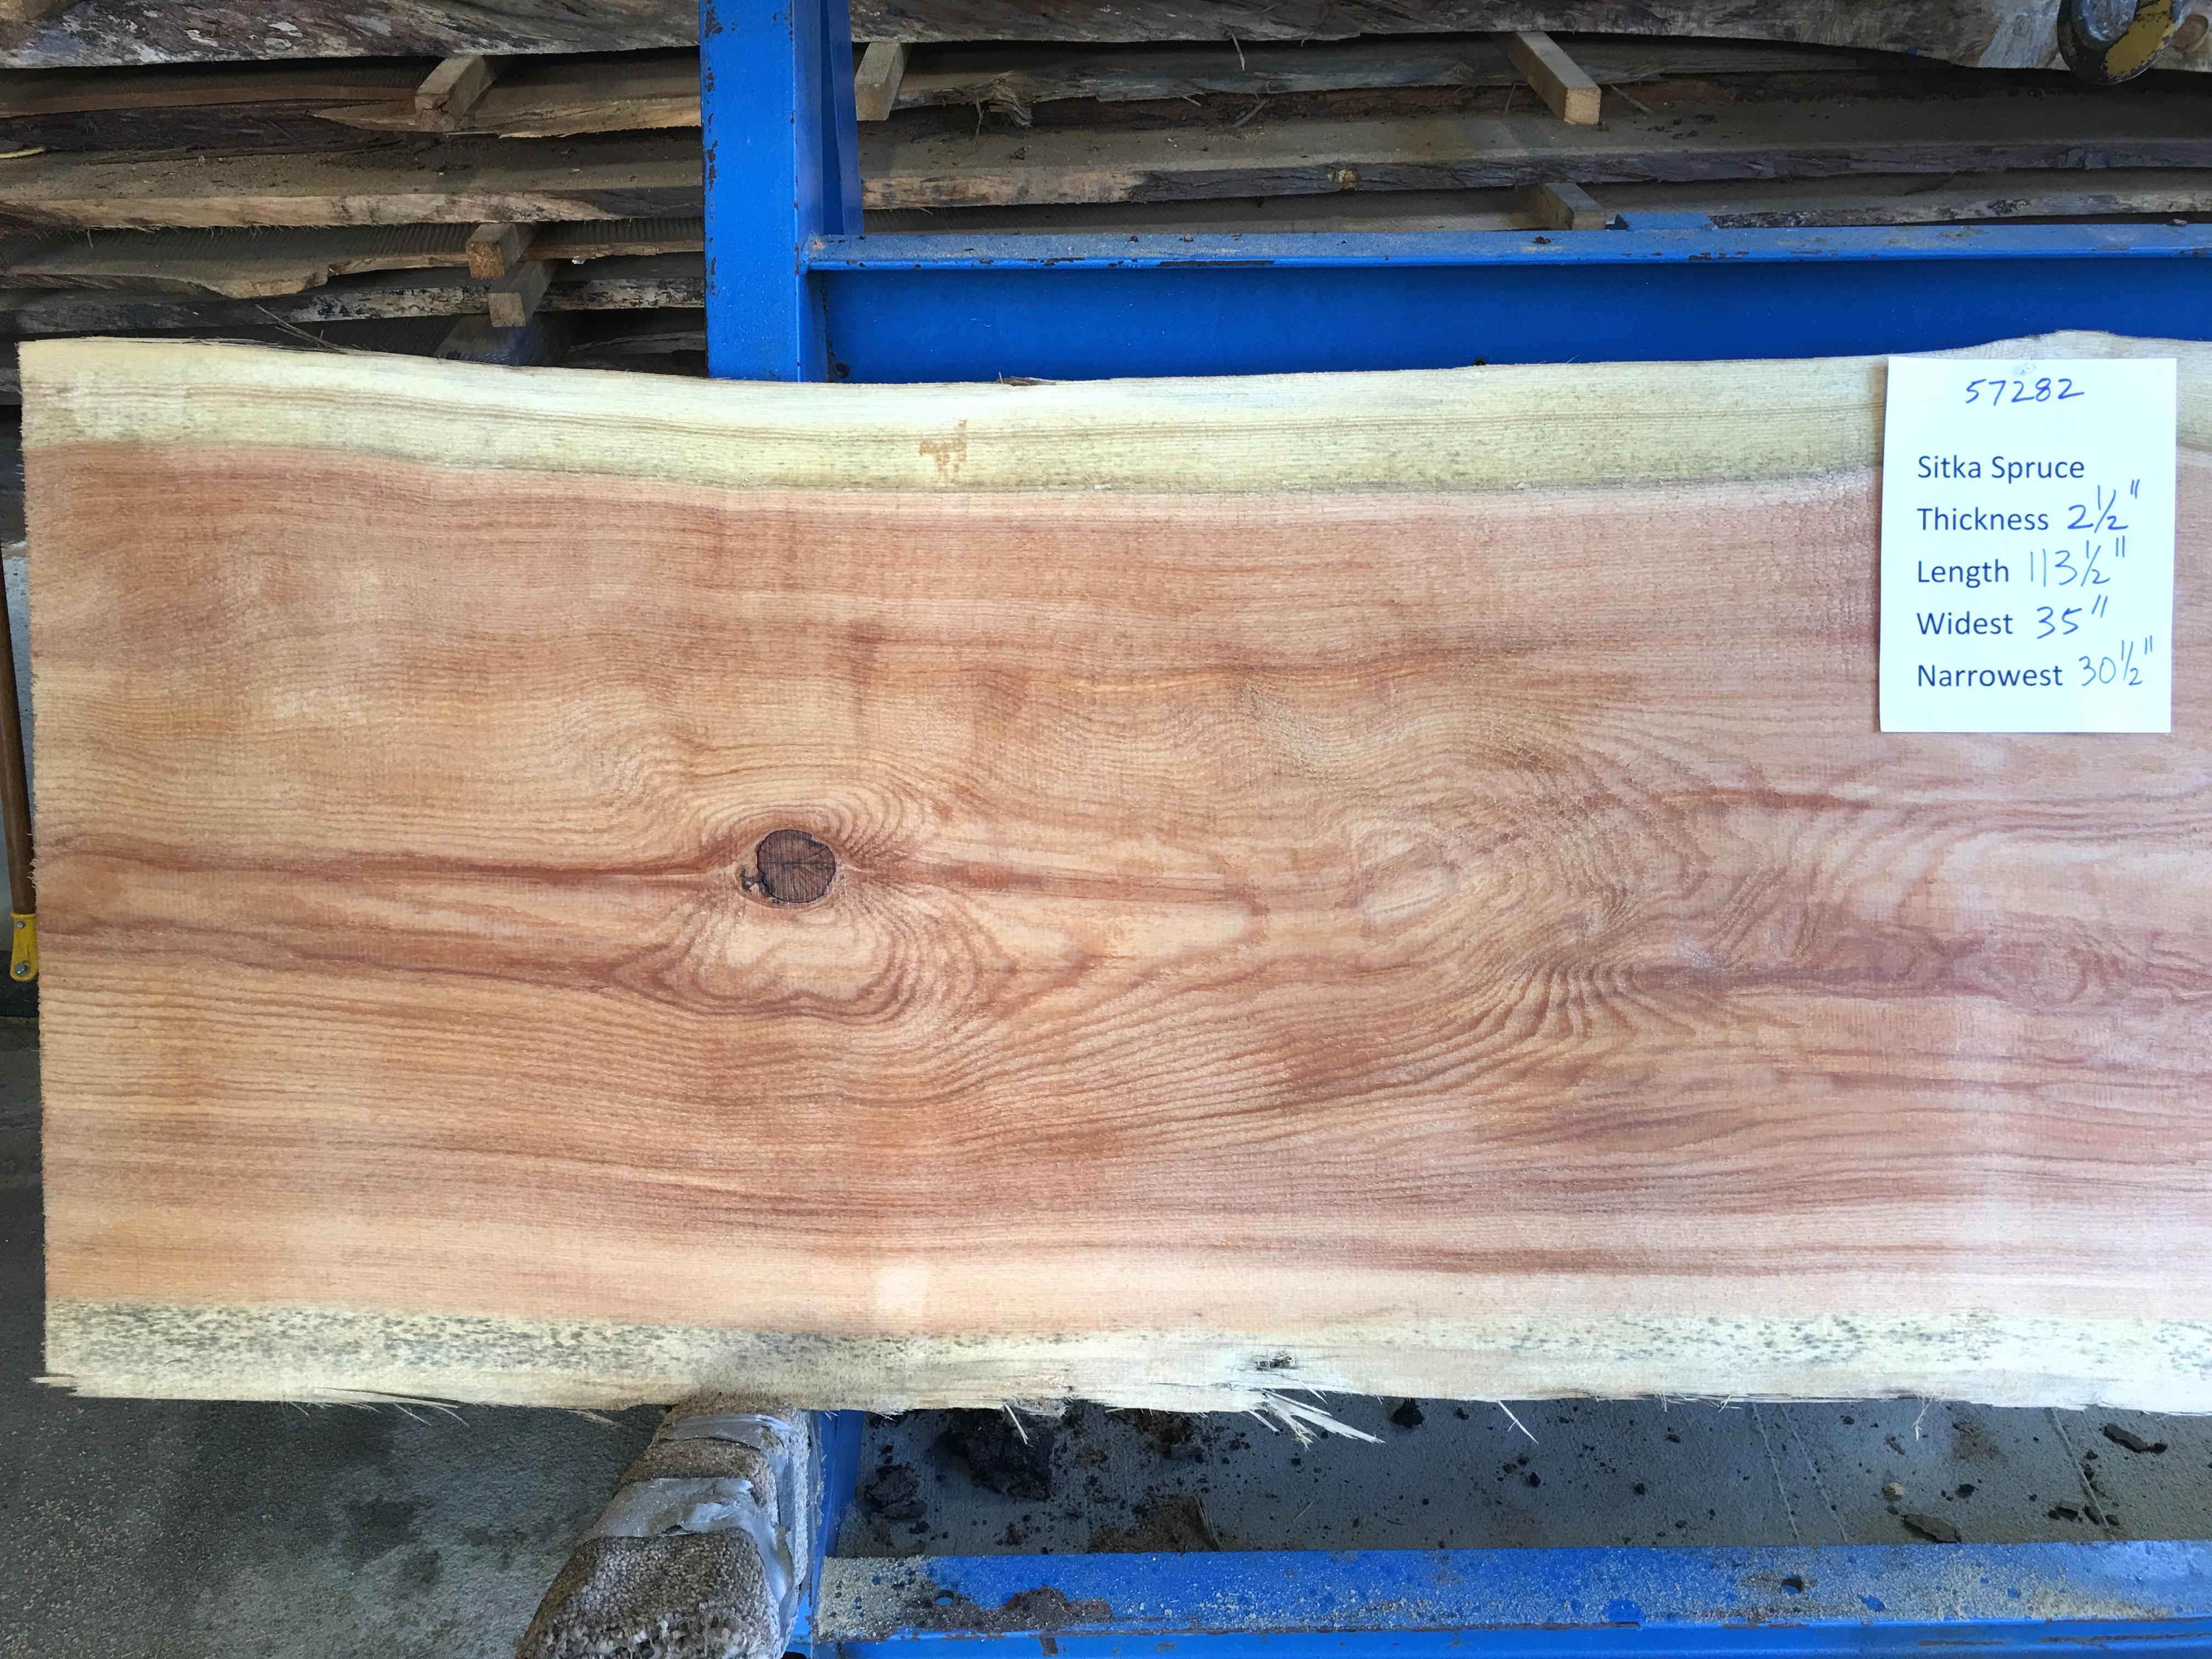 Spruce slab 57282a